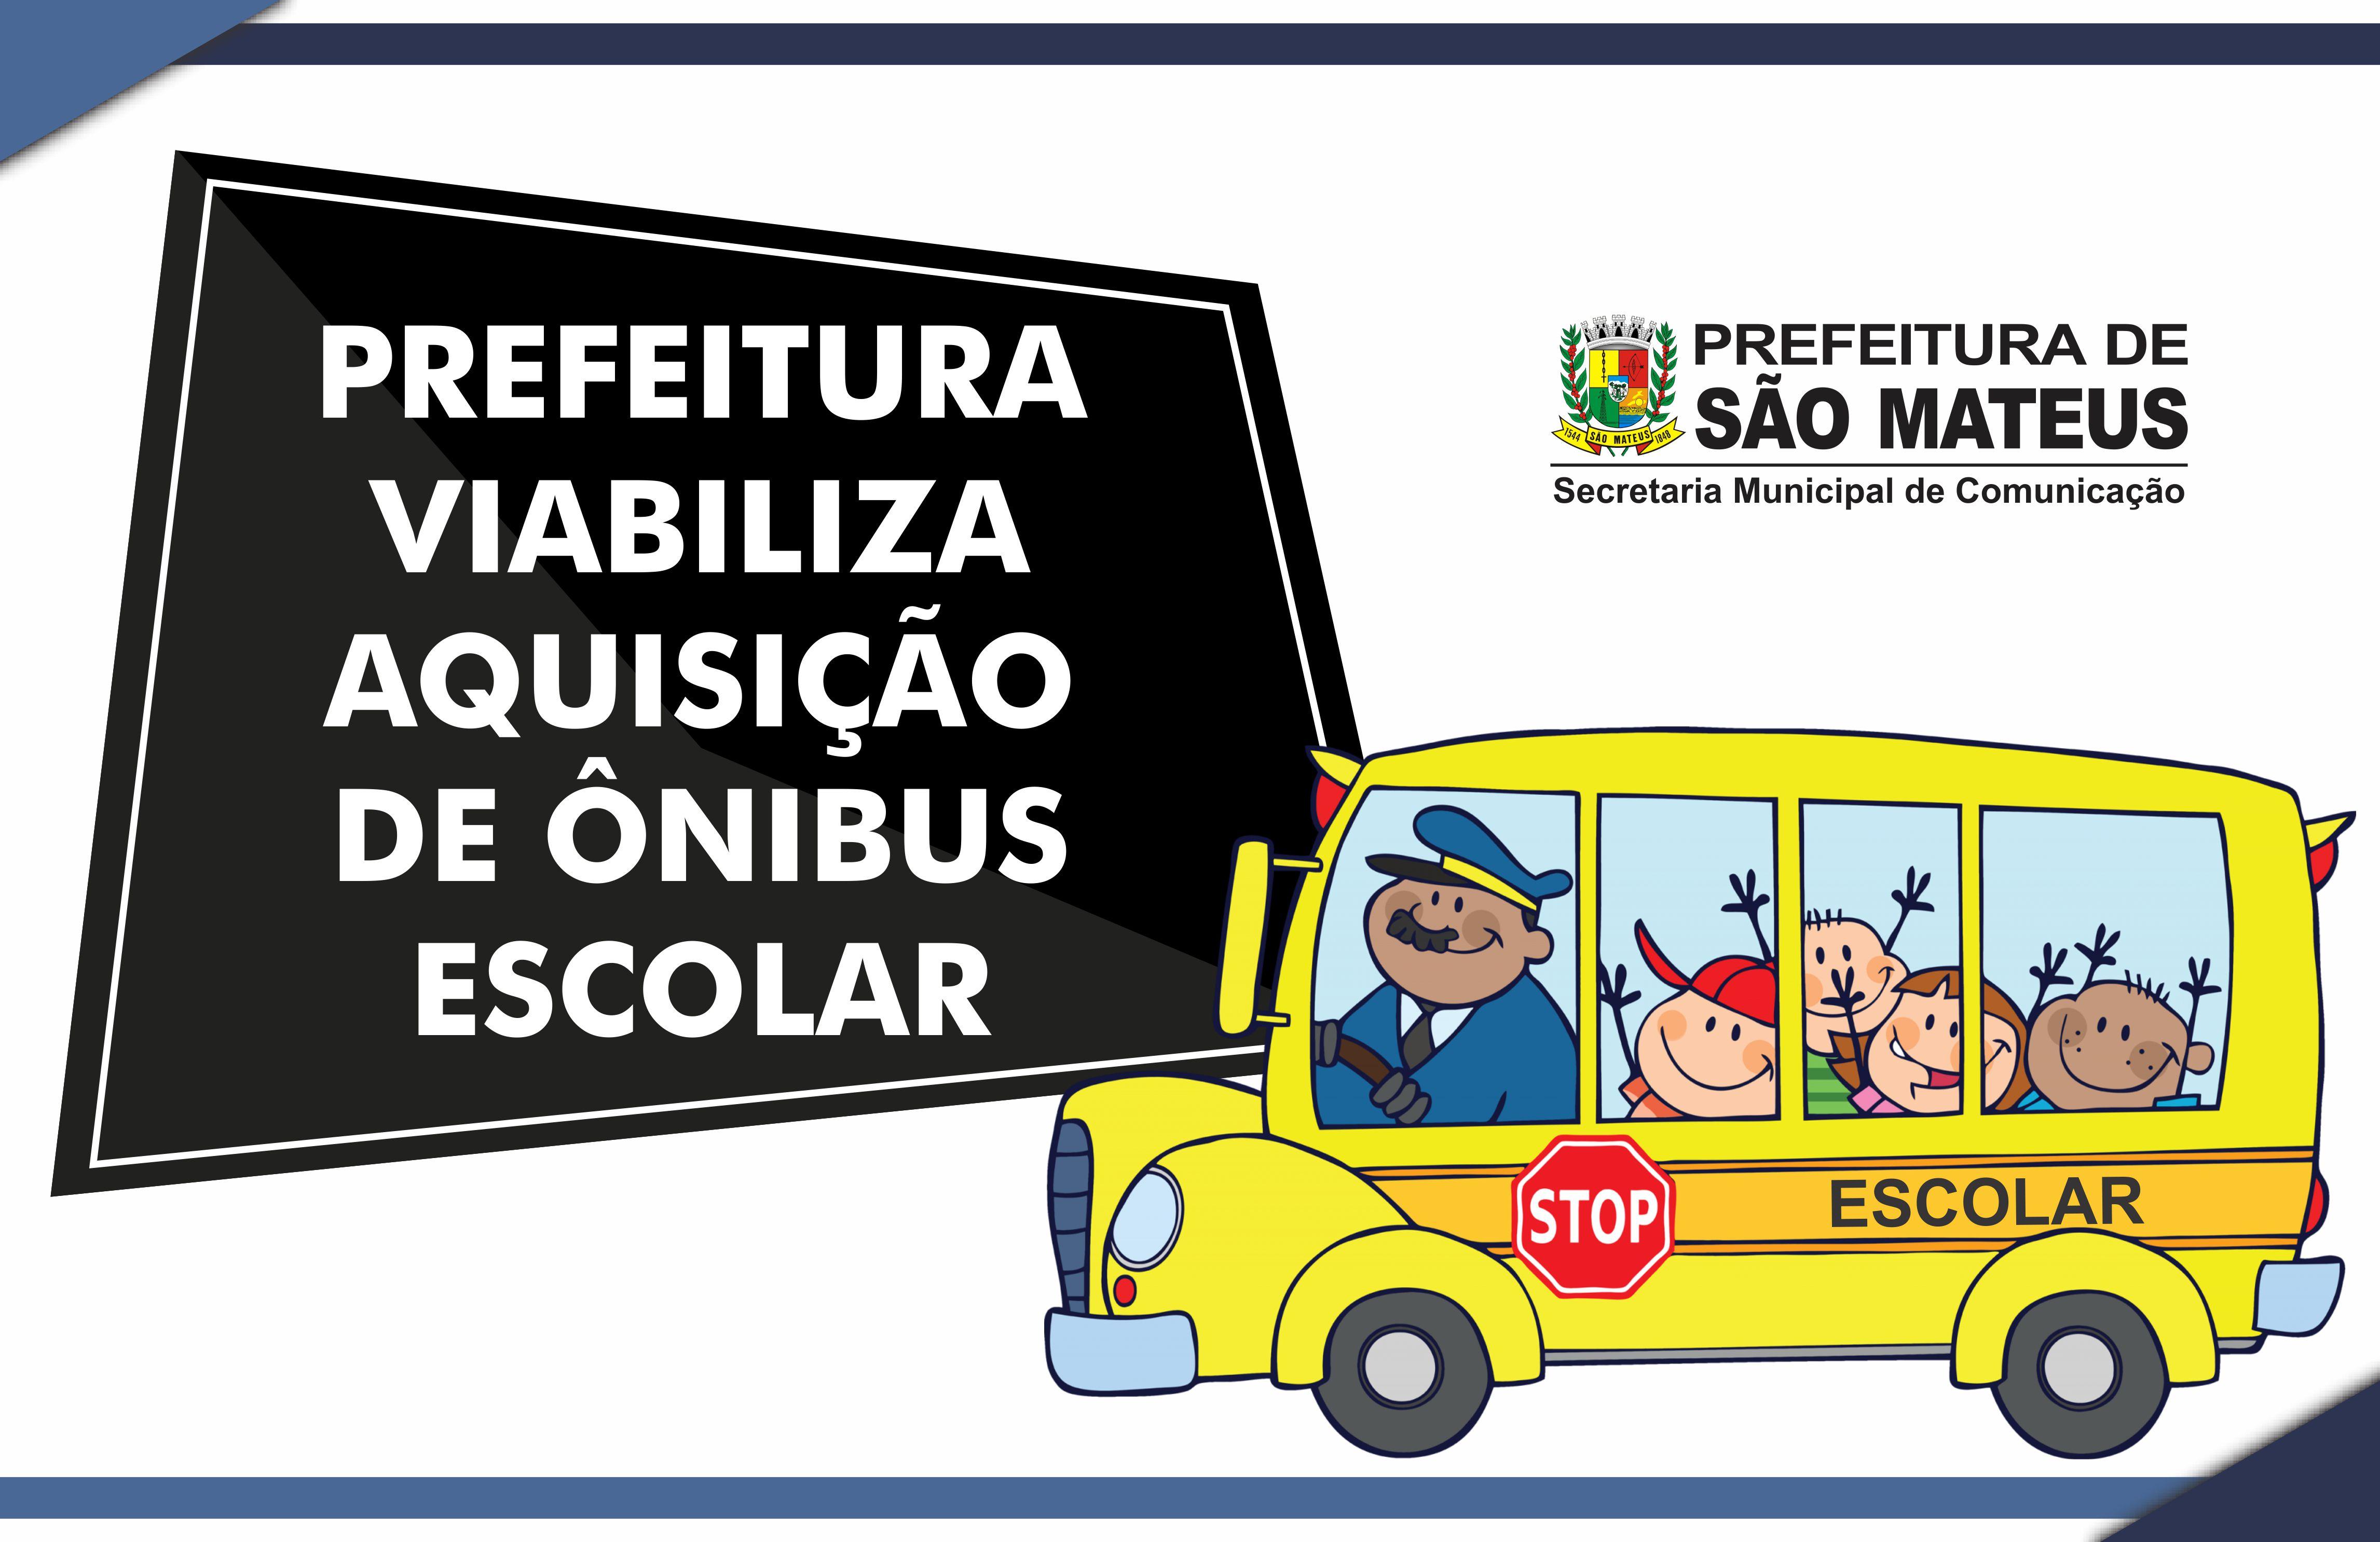 Prefeitura viabiliza aquisição de ônibus escolar